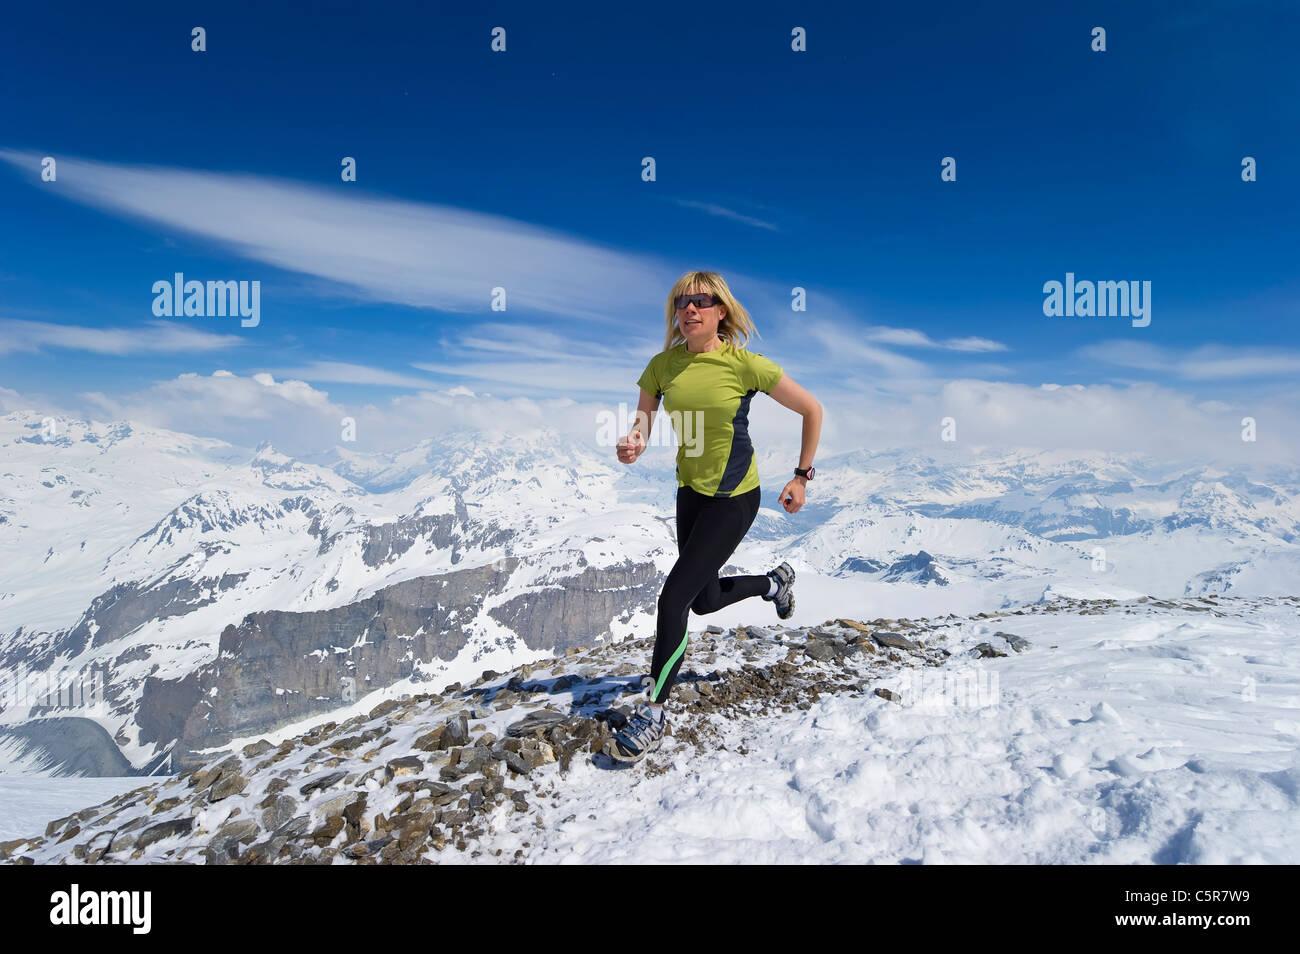 Frau Joggen über verschneite Berge. Stockbild